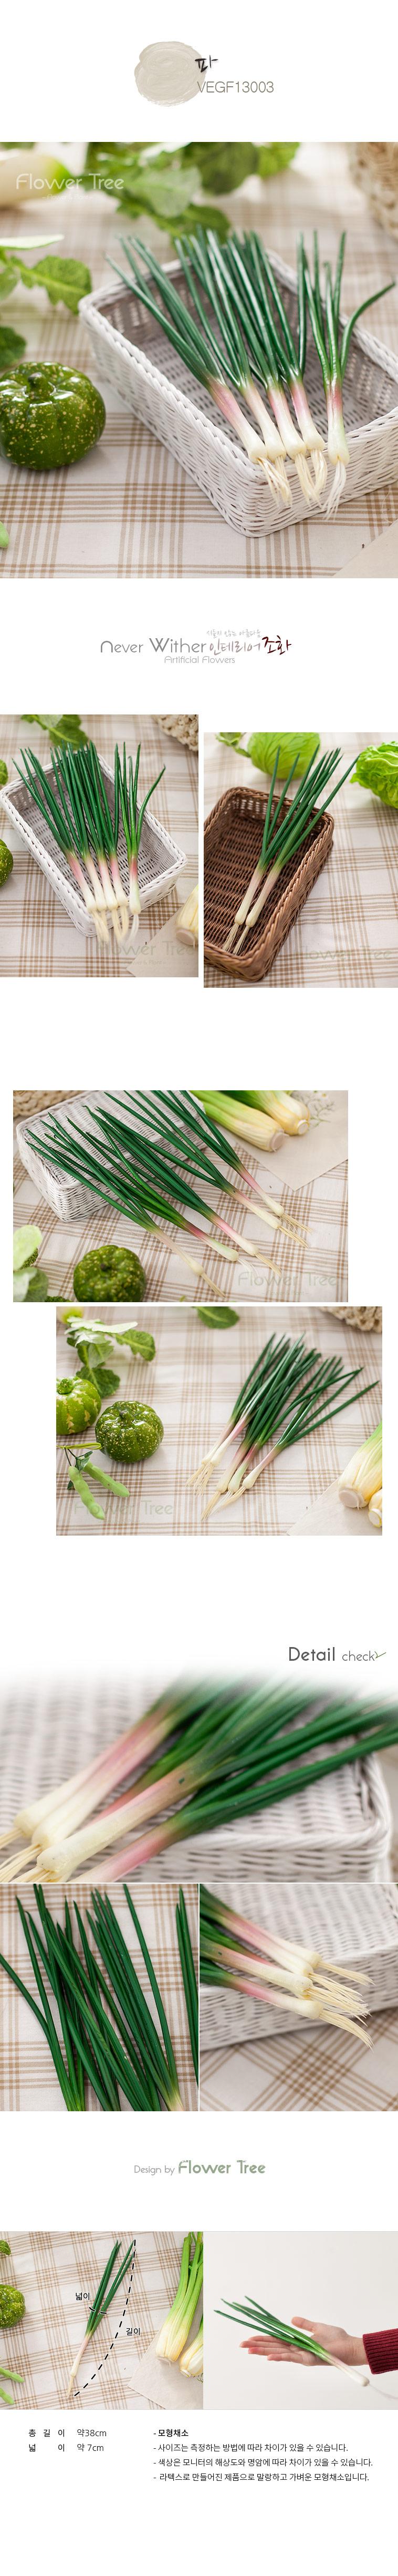 파 FOFDFT 모형 모조 과일 채소 소품 주방장식 - 플라워트리, 4,300원, 미니어처, 음식